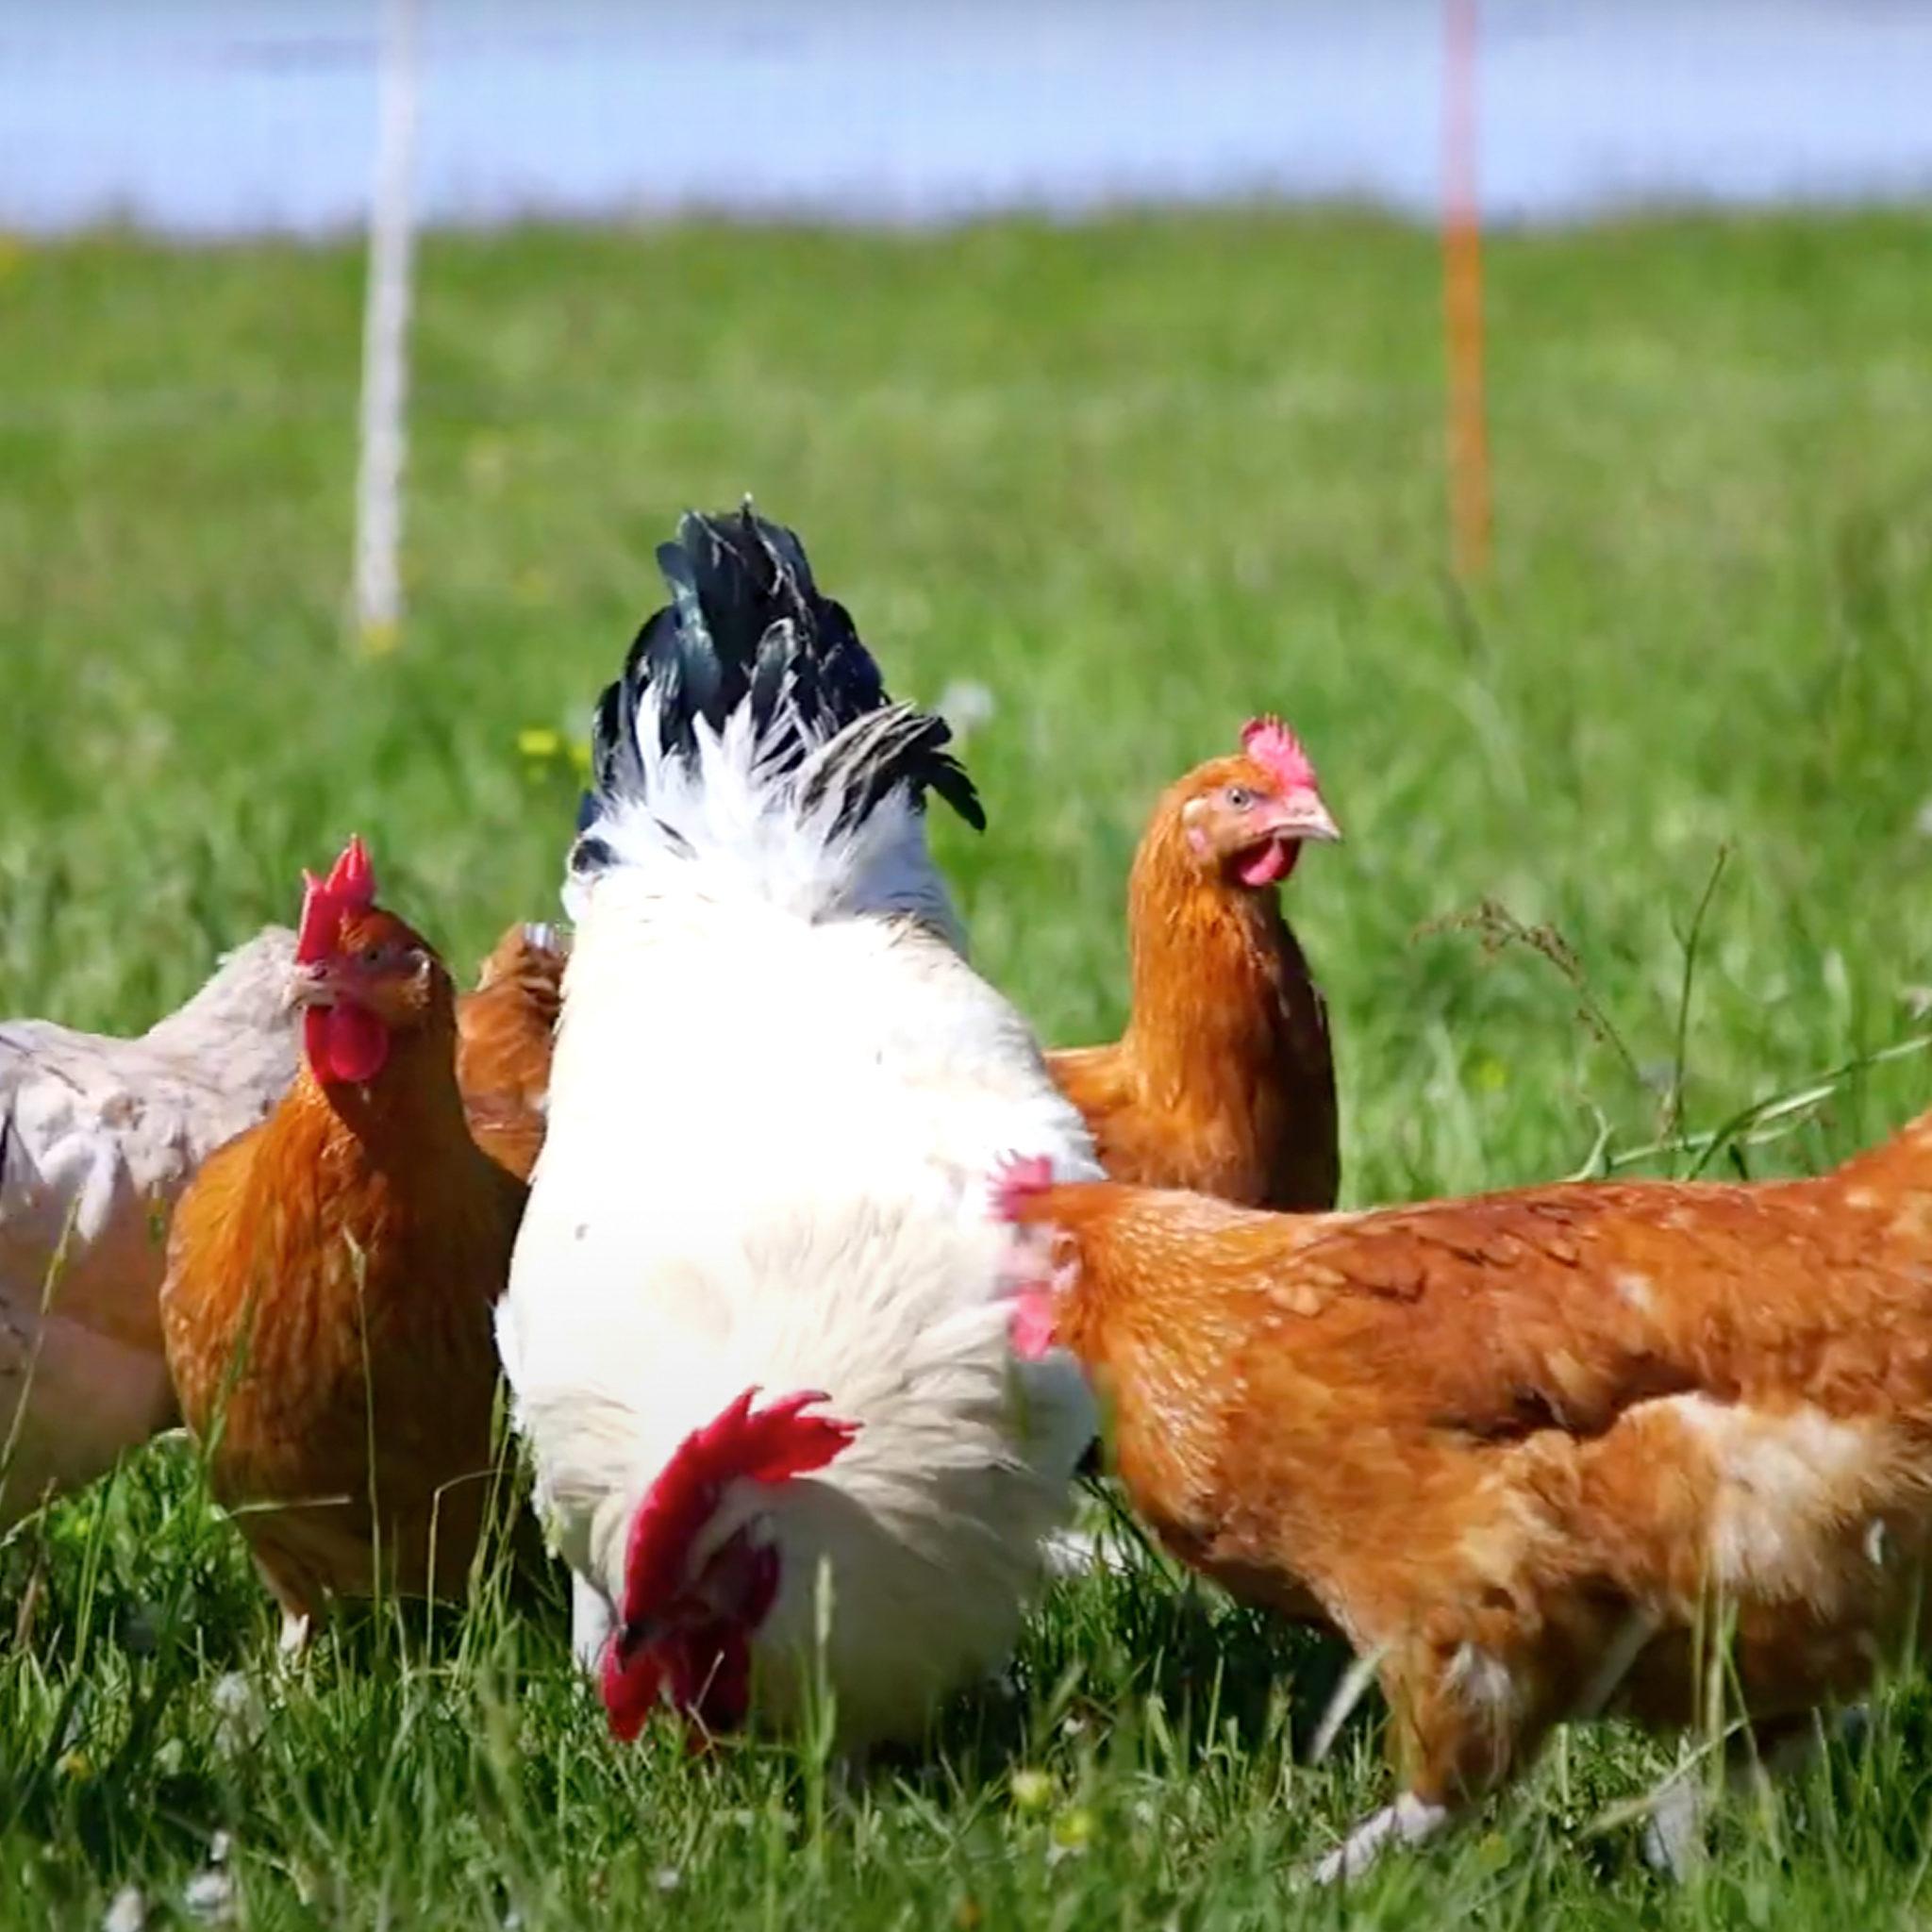 Biohotel Lindengut Dipperz Demeter Landwirtschaft Hühnermobil Hühner